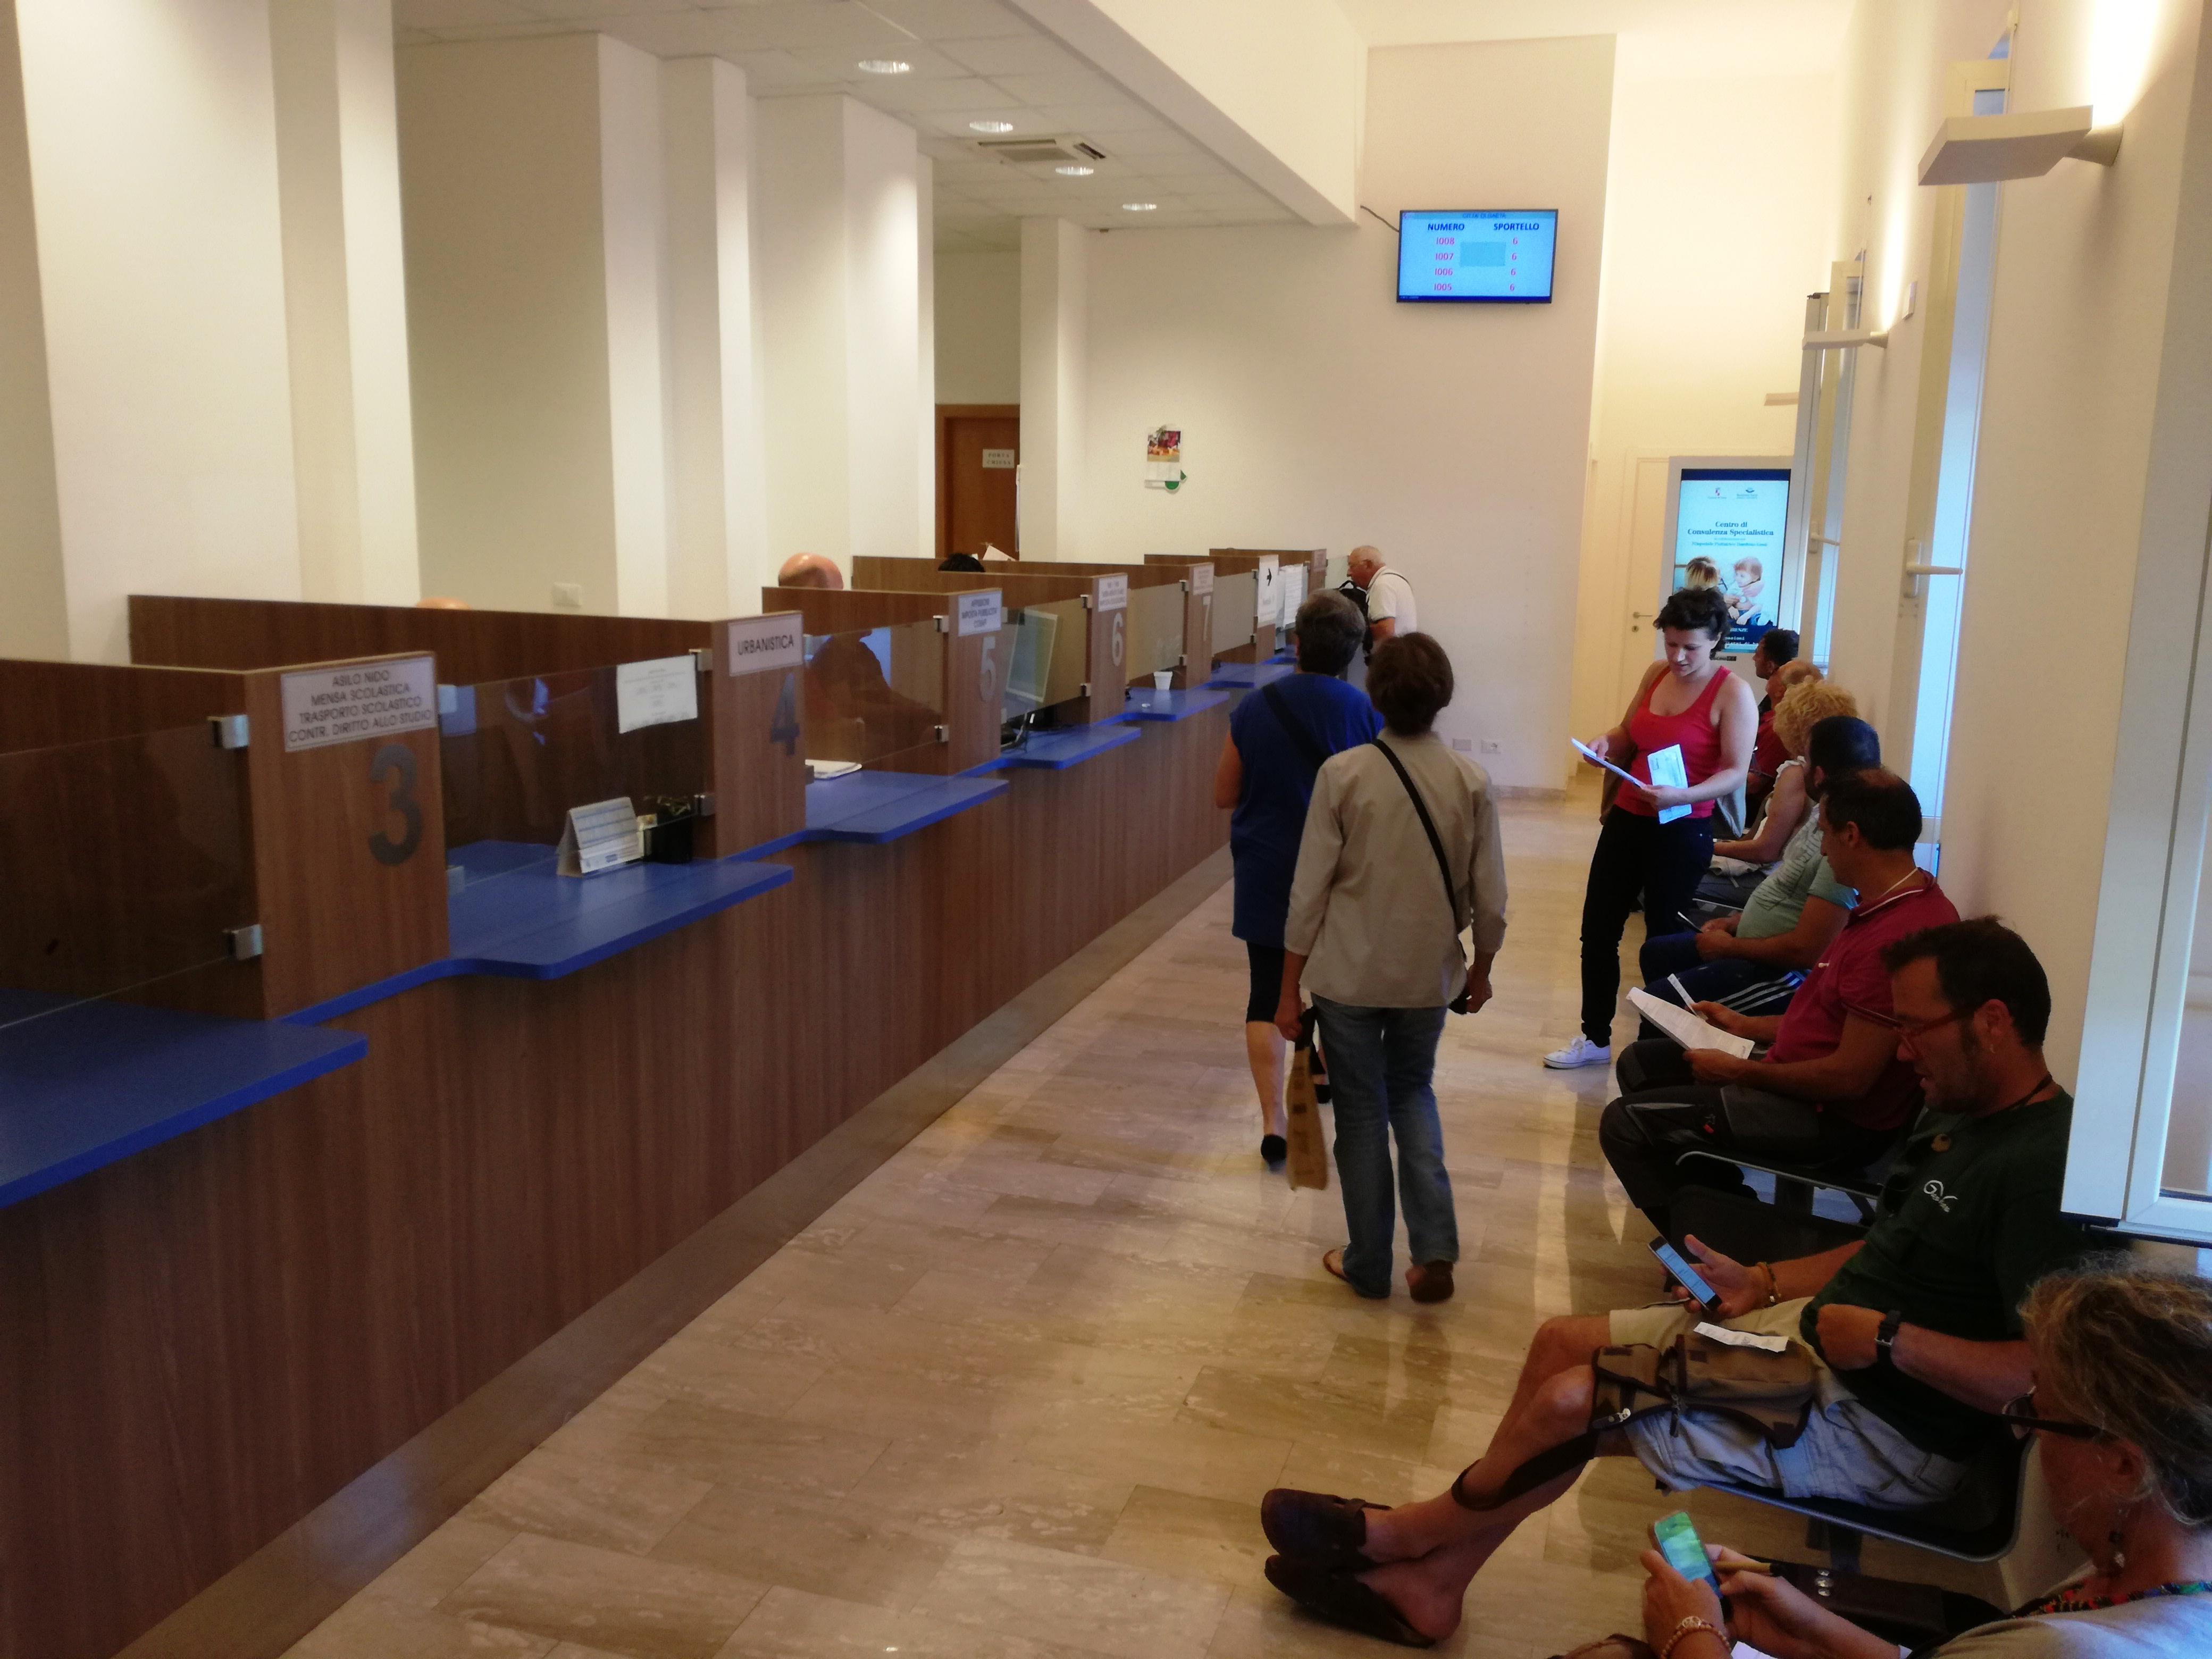 Ufficio Per Richiesta Tessera Sanitaria : Carta didentità elettronica linnovazione tecnologica news